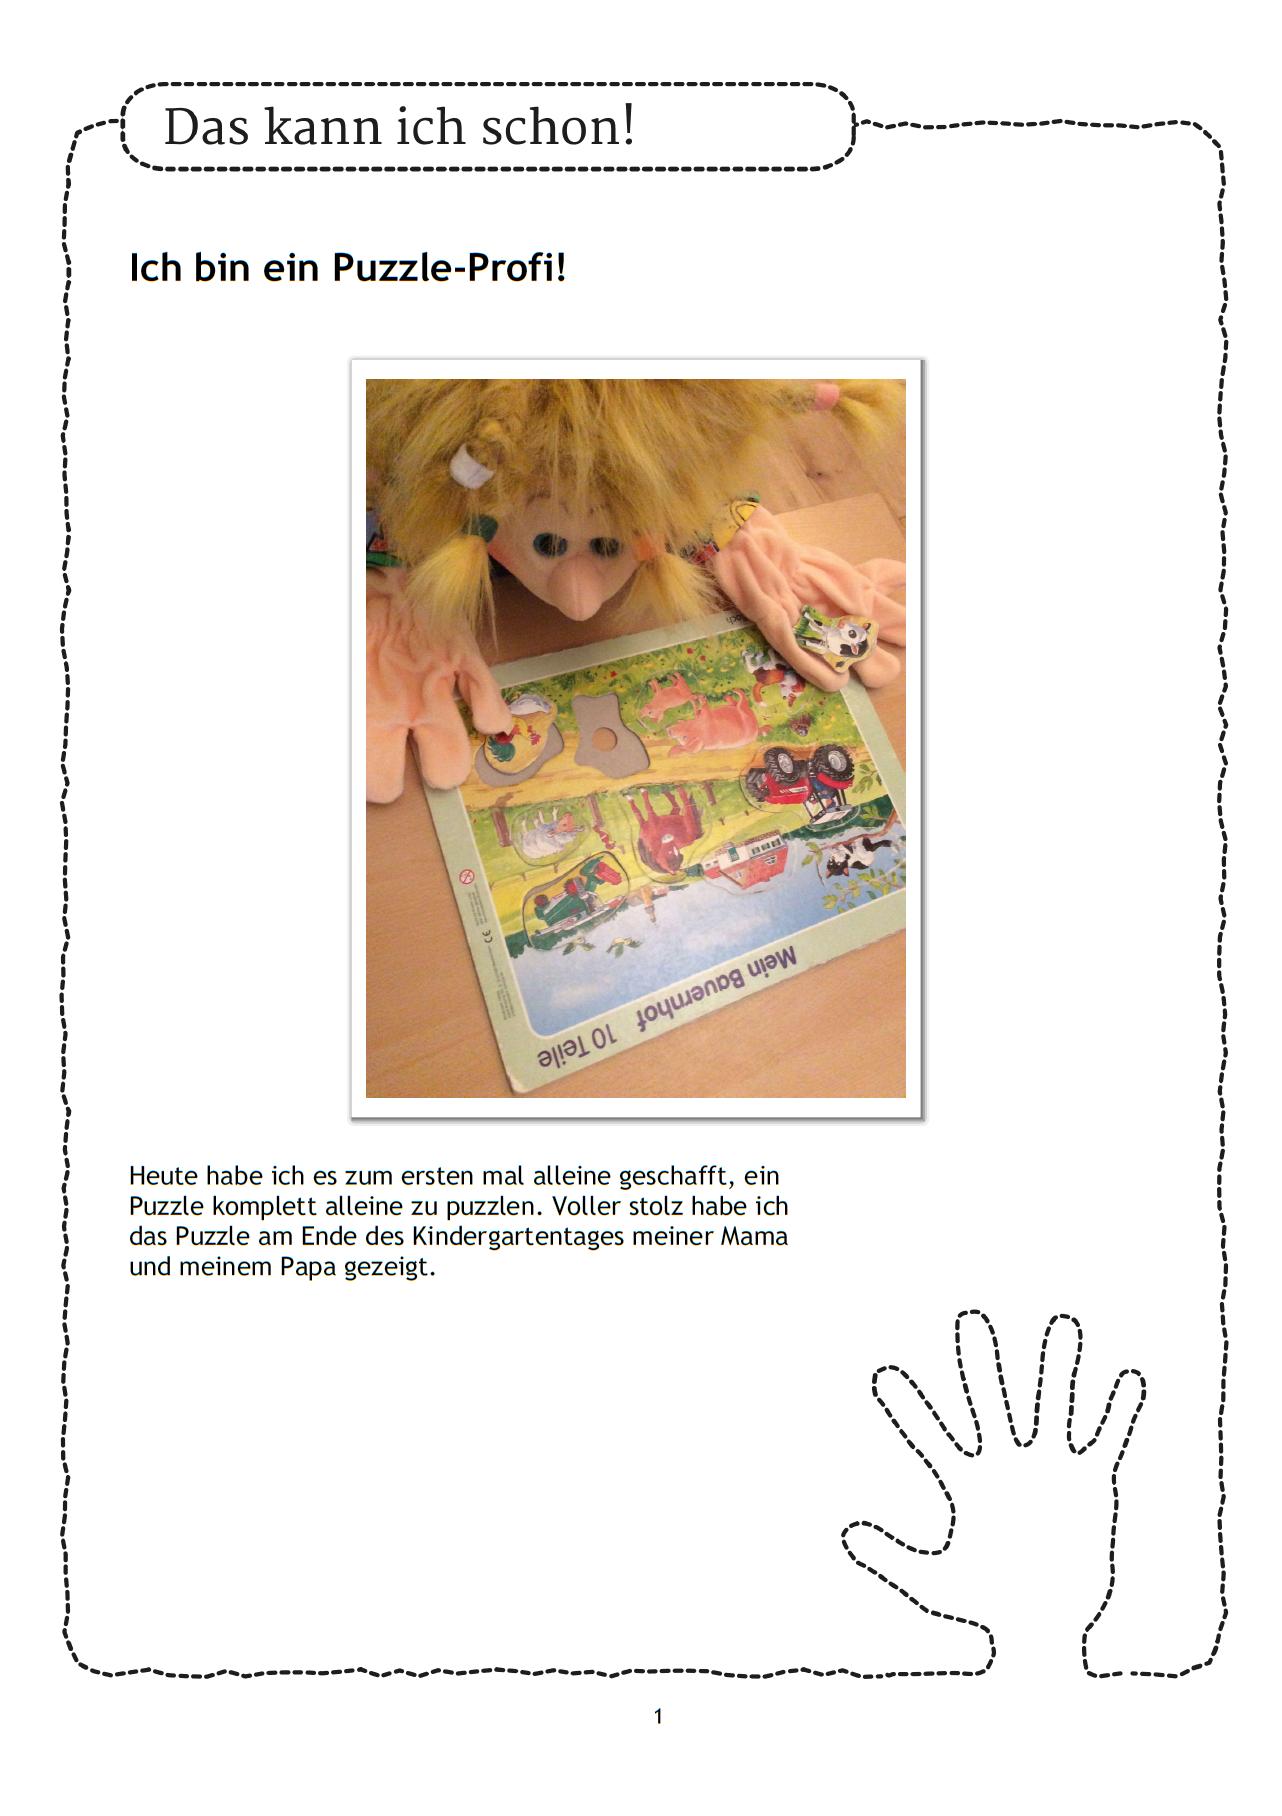 Viele Kinder Puzzeln Gern Sie Sind Stolz Darauf Wenn Sie Ganz Alleine Ein Puzzel Geschafft Haben Wie Schon Ist Es J Entwicklung Kleinkind Puzzel Kinder Tag